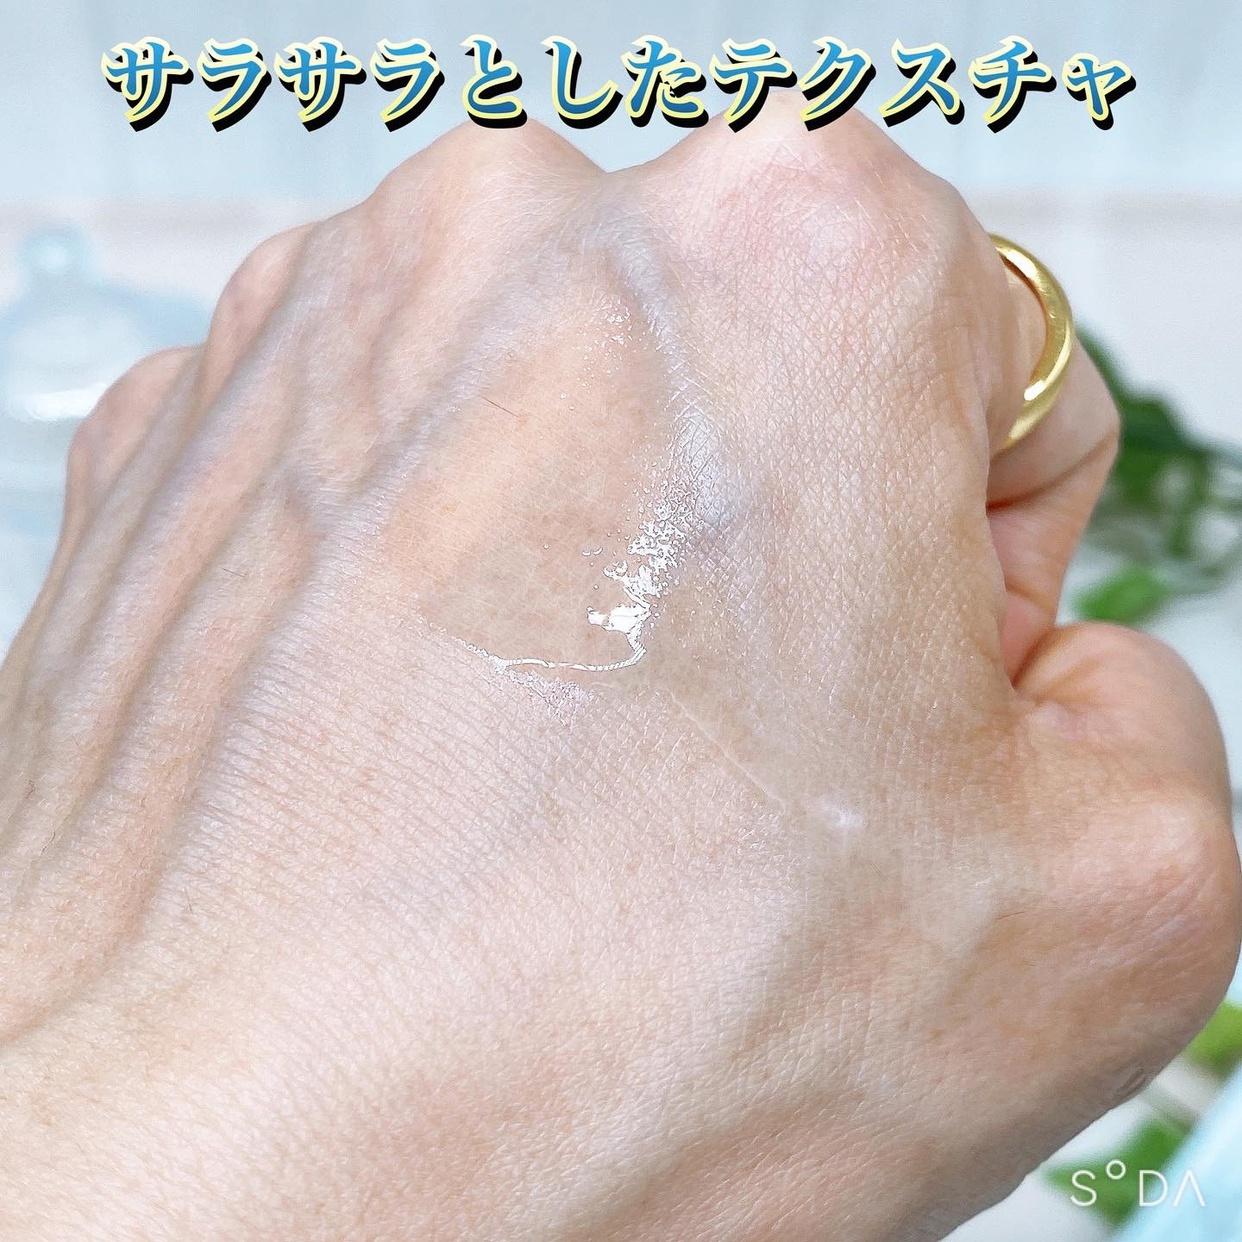 Angel Heart(エンジェルハート) トナーの良い点・メリットに関するゆうさんの口コミ画像3